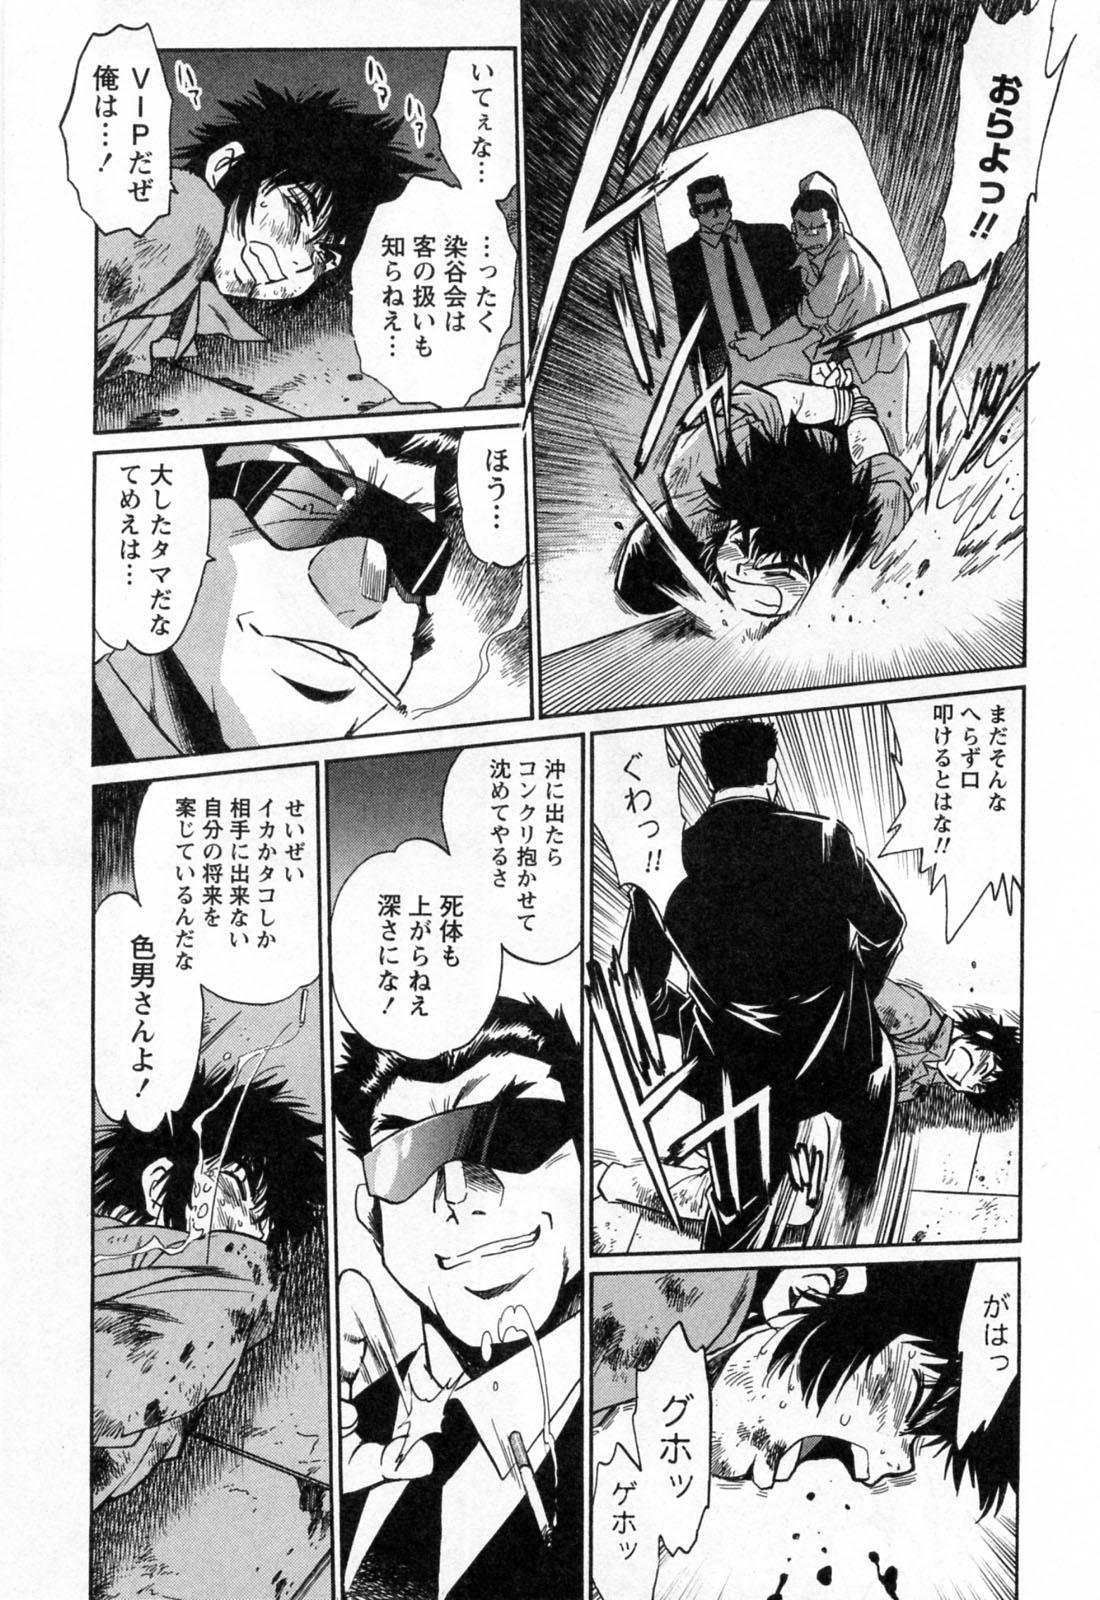 Makunouchi Deluxe 3 176